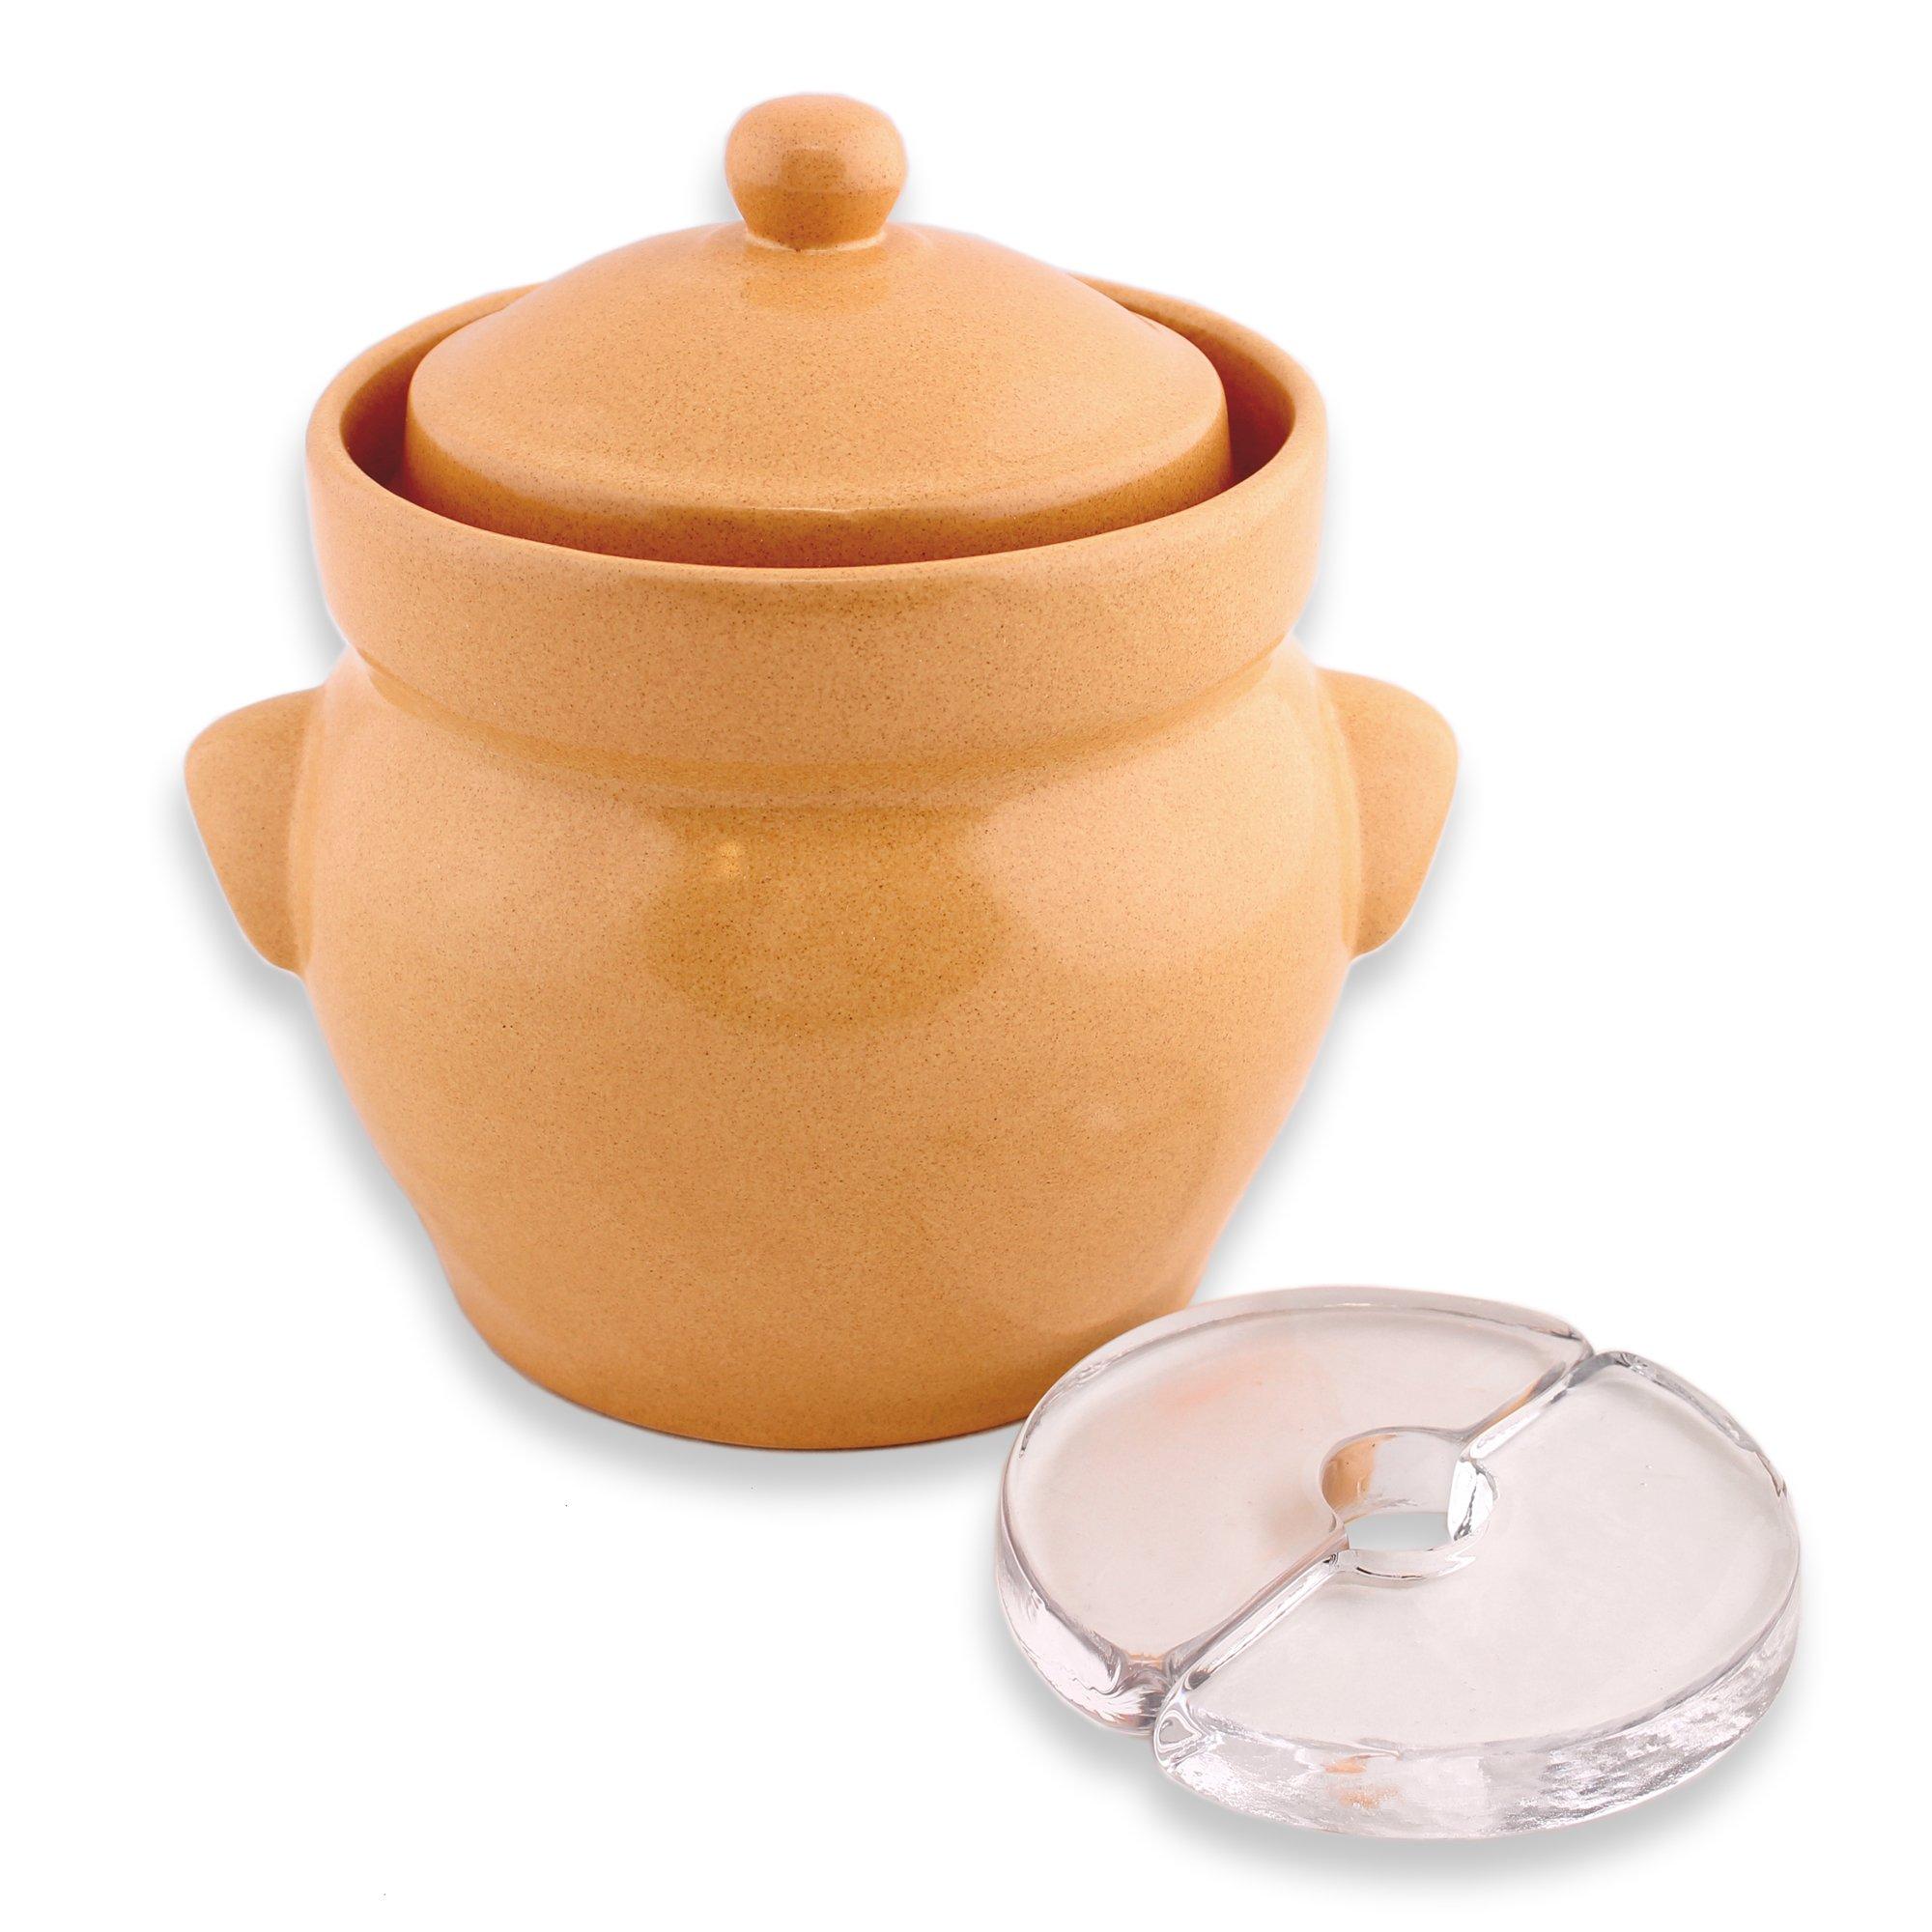 Boleslawiec Cream Fermenting Crock (4 Liter with Glass Weights)